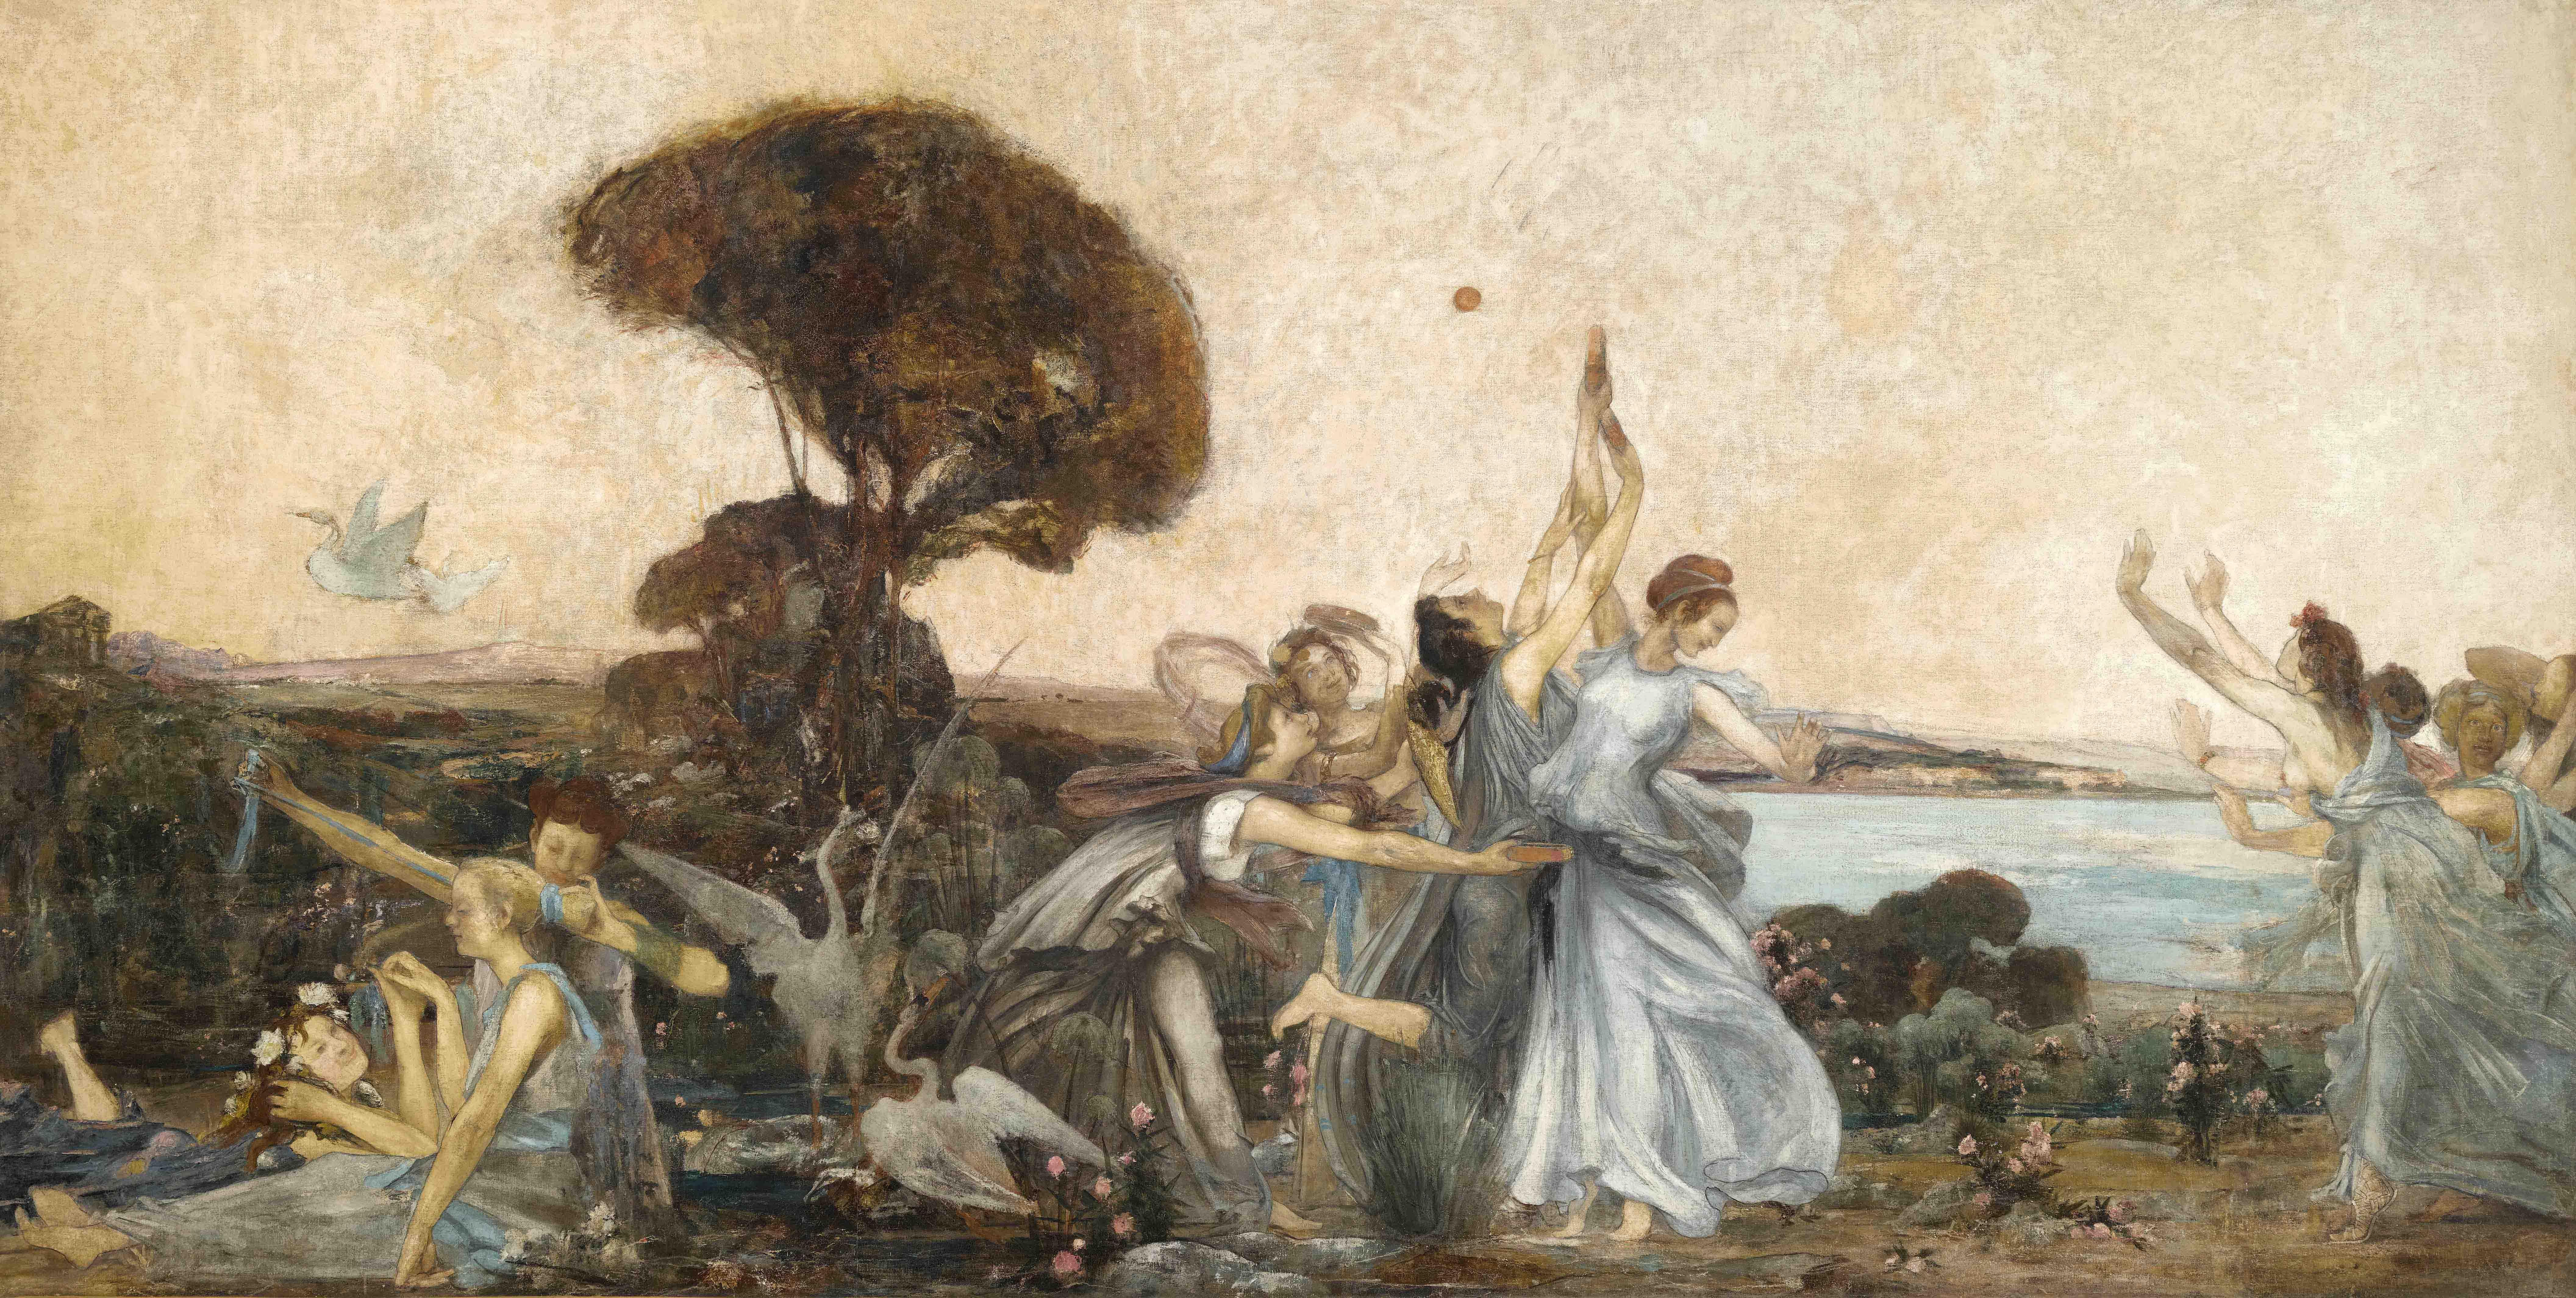 emile-rene-menard-baigneuses-dans-la-pinede-rmn-grand-palais-mudo-musee-de-loisethierry-ollivier-bd